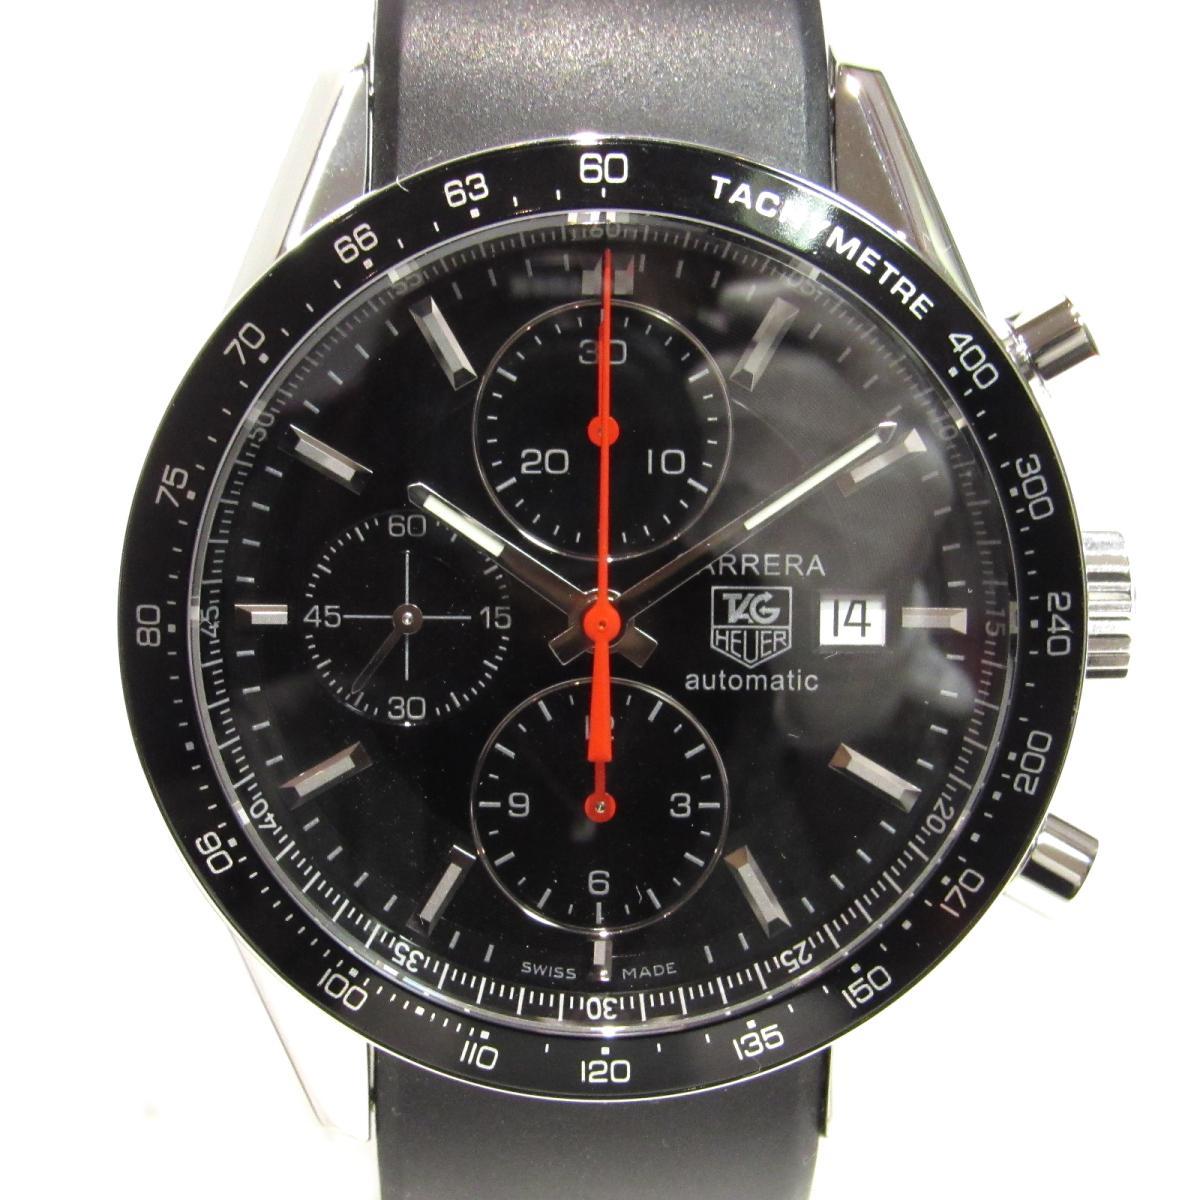 【中古】 タグ・ホイヤー カレラタキメータークロノレーシング 腕時計 ウォッチ ステンレススチール (SS) x ラバー ブラック シルバー (CV2014.FT6007) | TAG HEUER オートマチック 自動巻き 時計 美品 ブランドオフ BRANDOFF